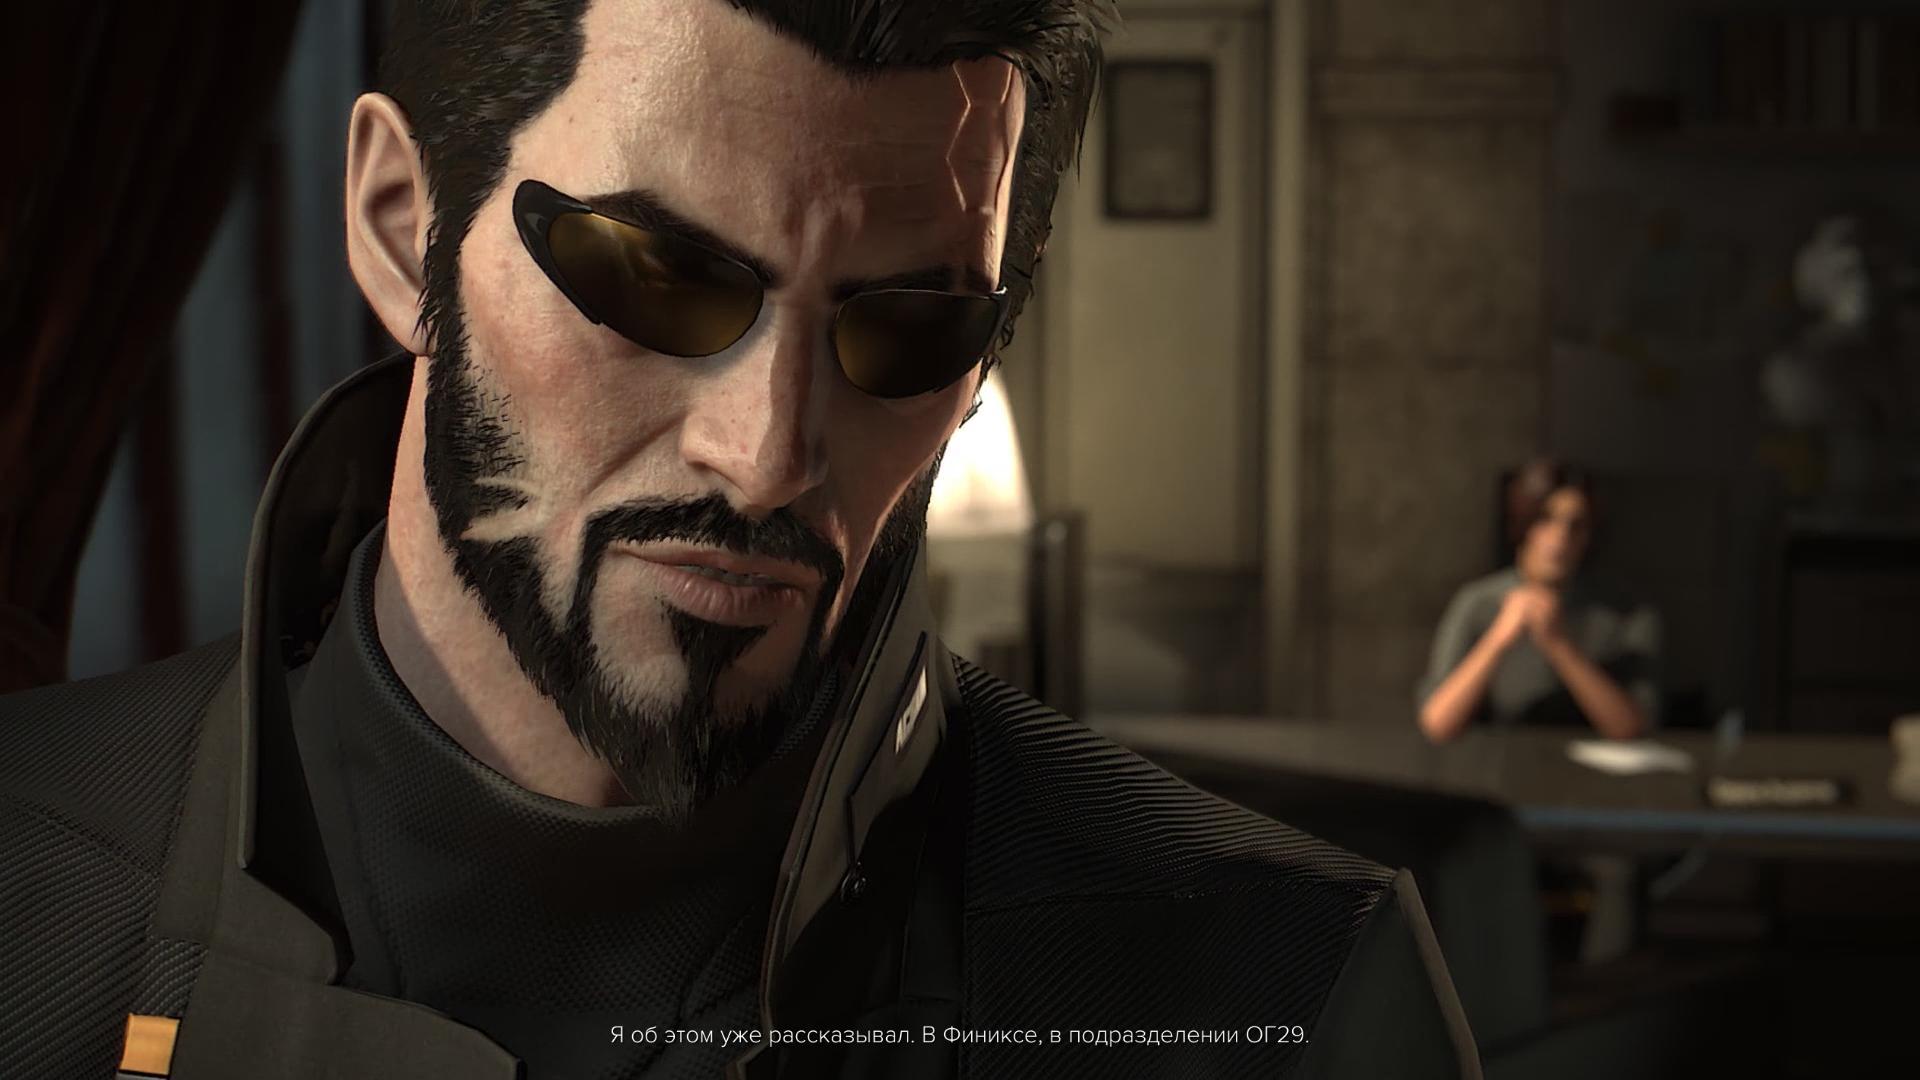 000323.Jpg - Deus Ex: Mankind Divided